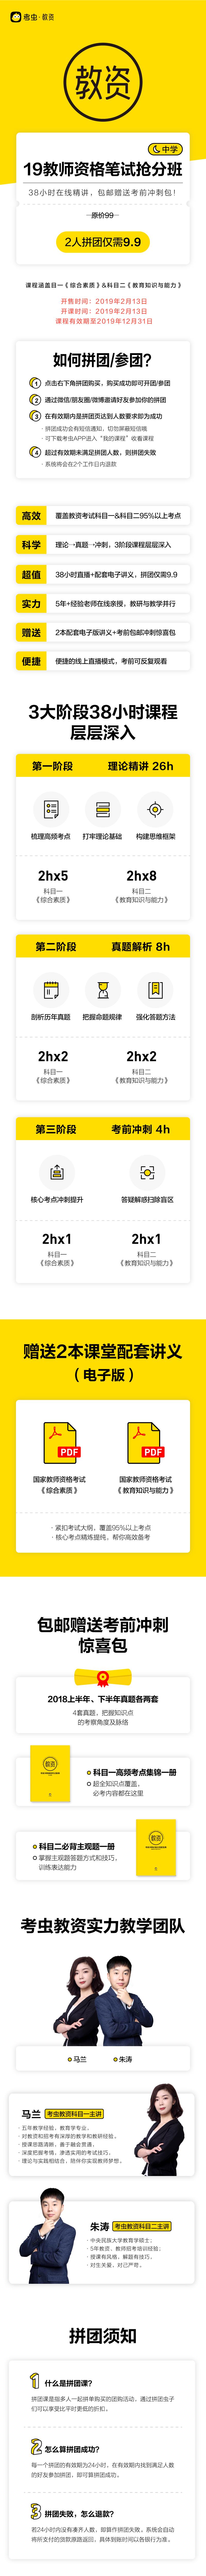 详情图 中学.jpg